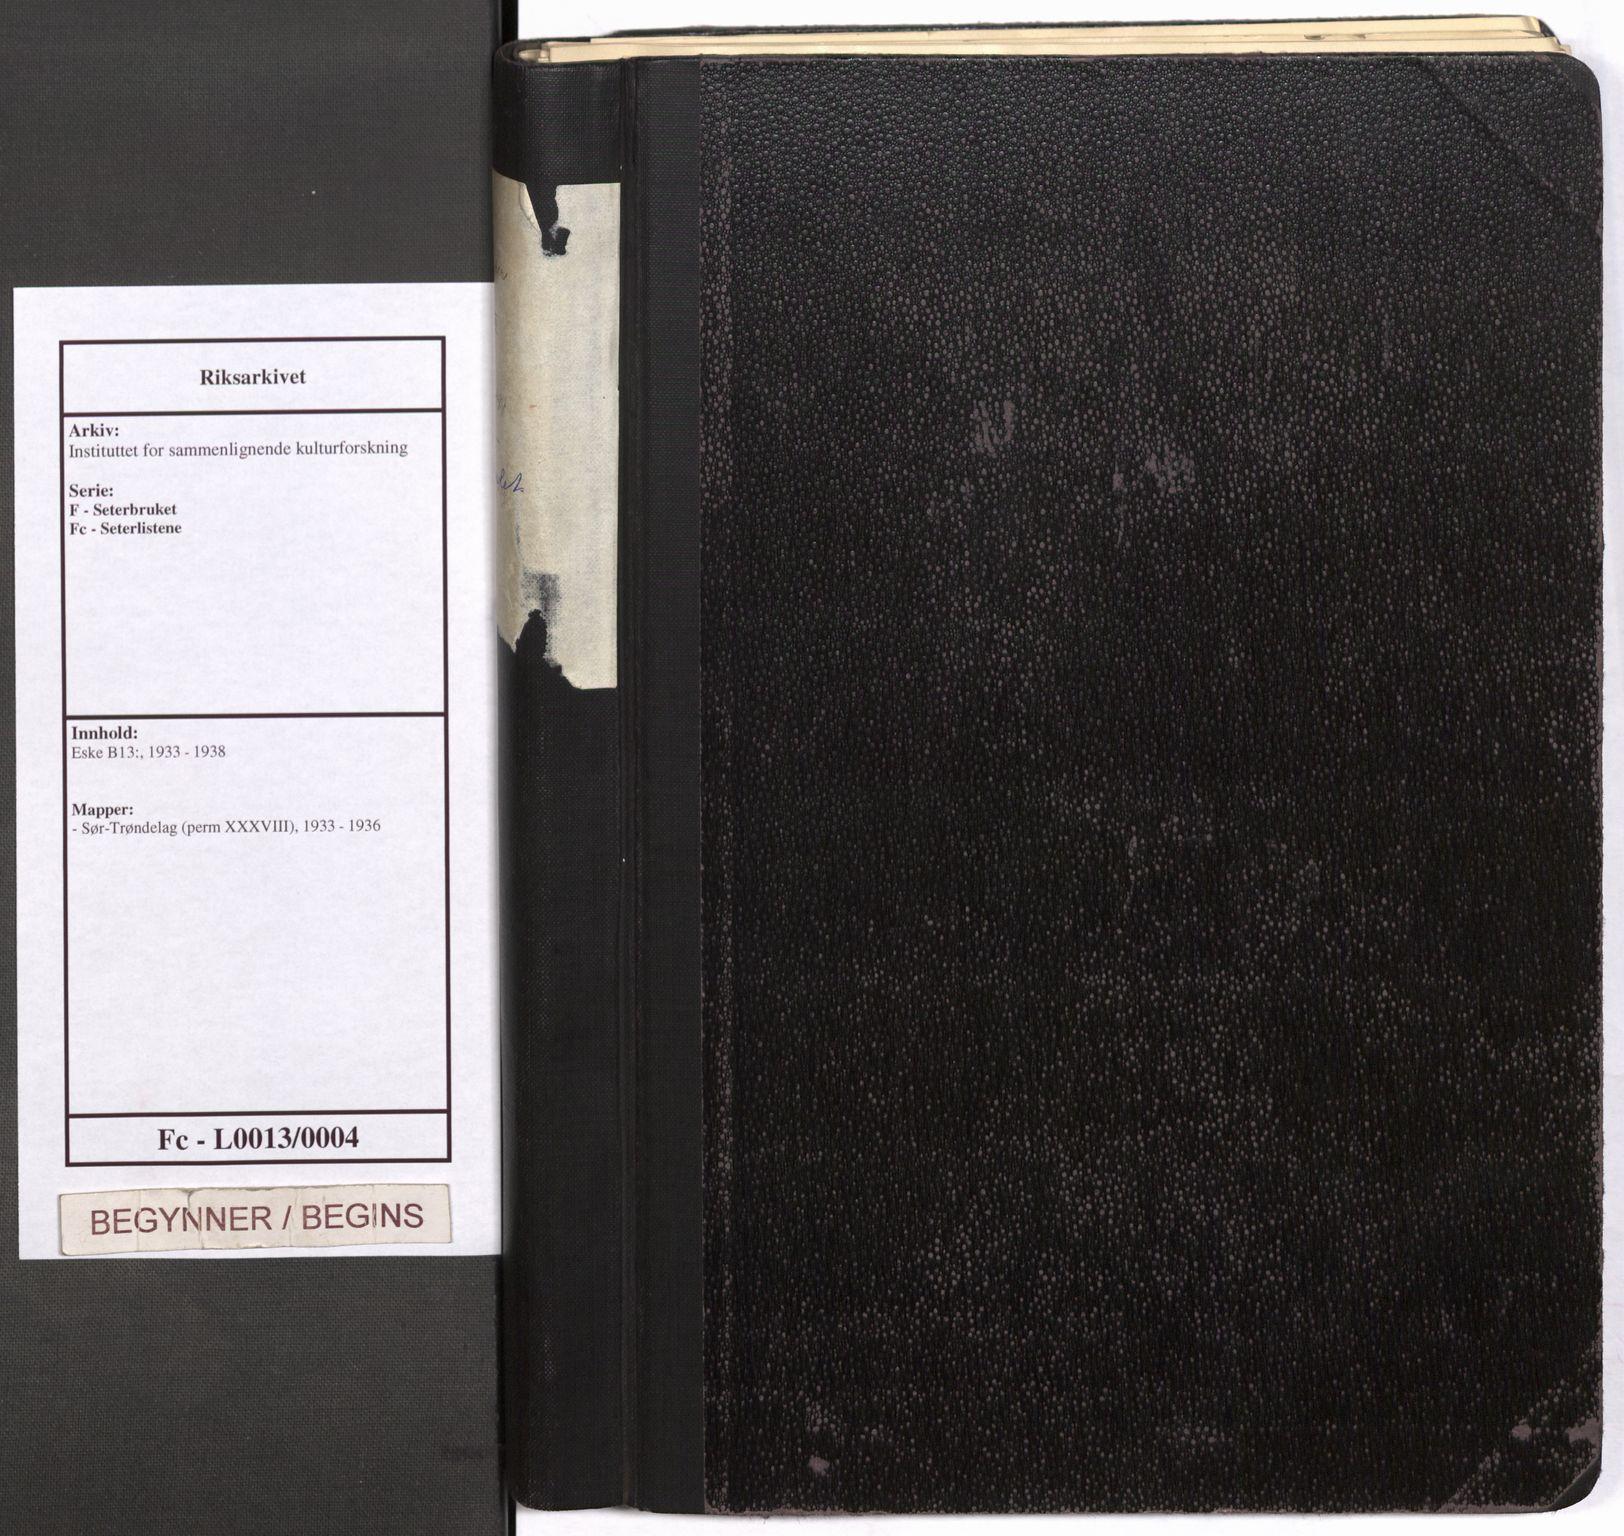 RA, Instituttet for sammenlignende kulturforskning, F/Fc/L0013: Eske B13:, 1933-1936, s. upaginert